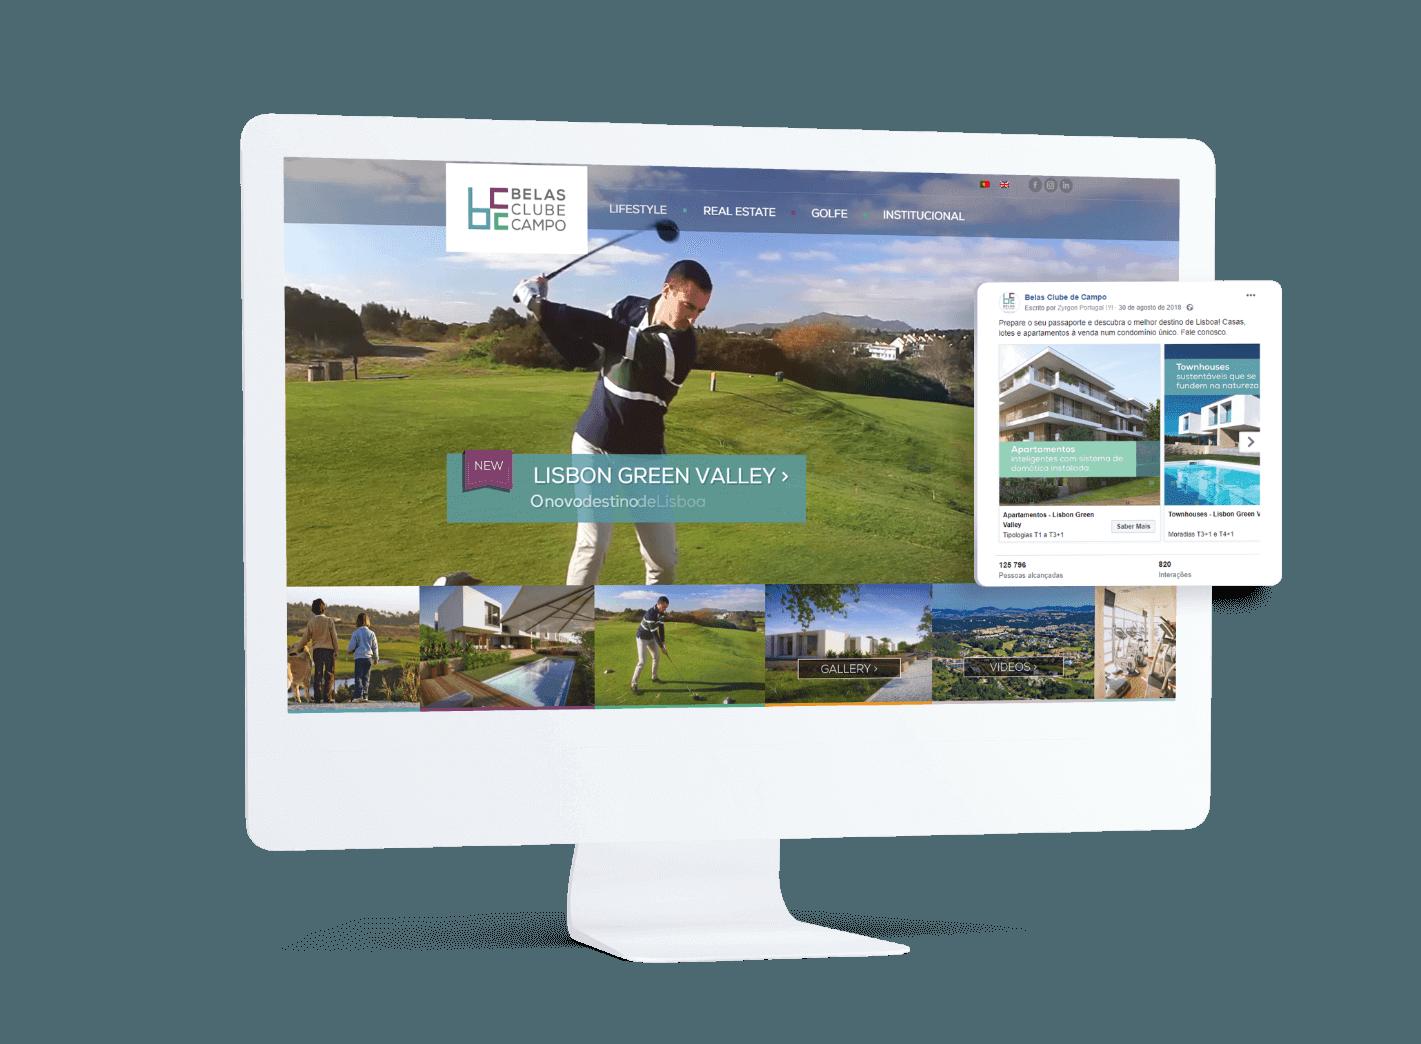 Comunicaçõ integrada de marketing digital Belas Clube de Campo